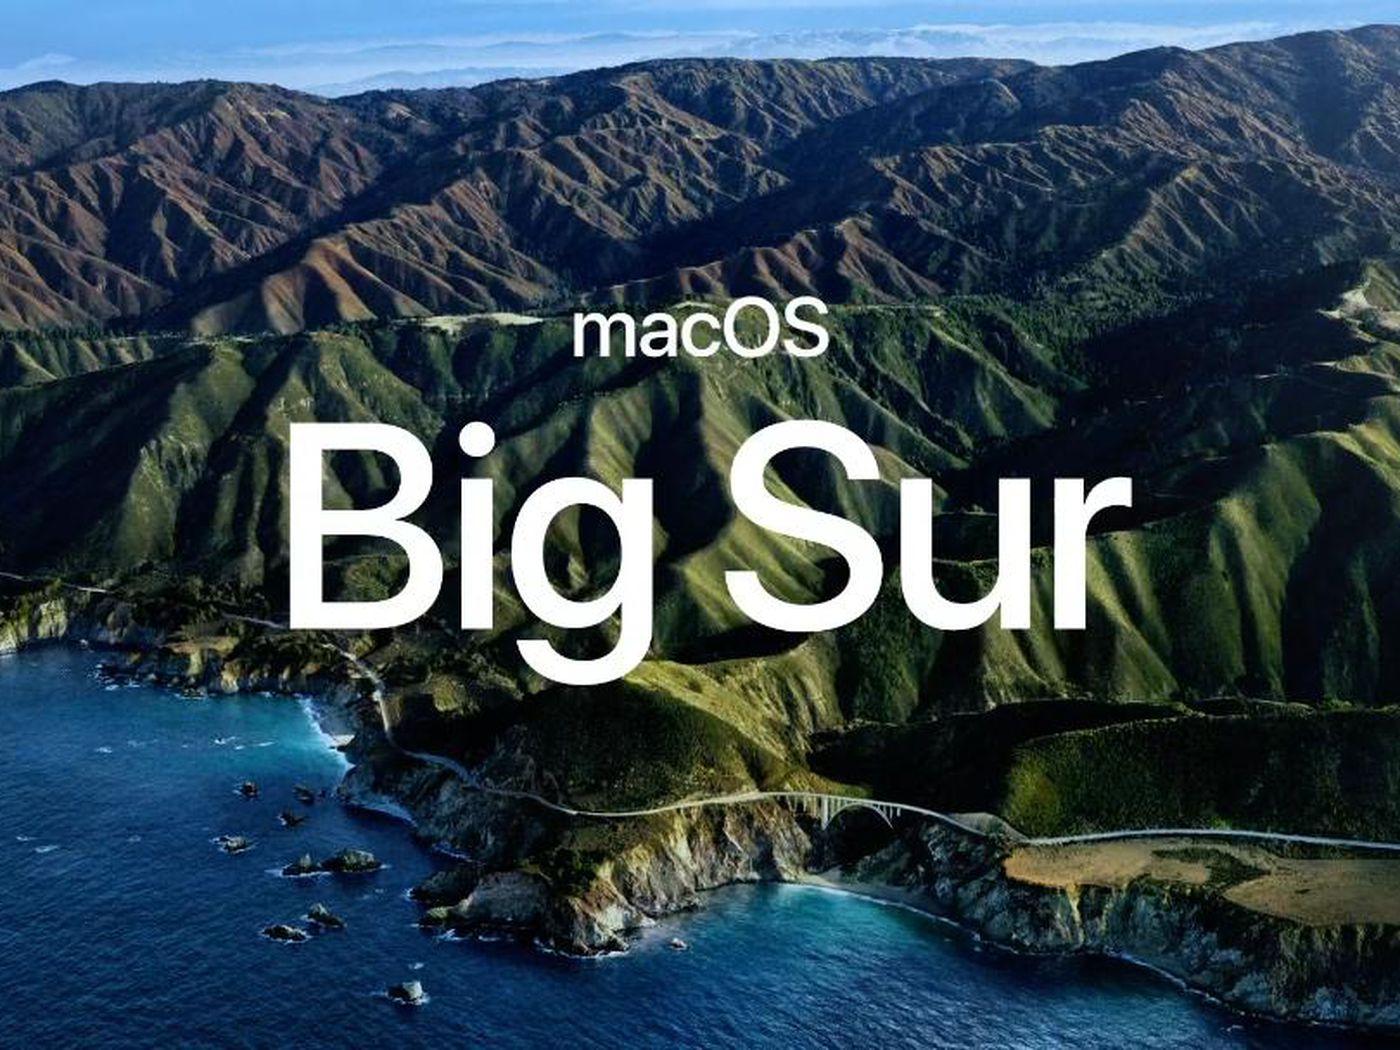 Firma Apple udostępniła oficjalnie system macOS Big Sur 11.5.2